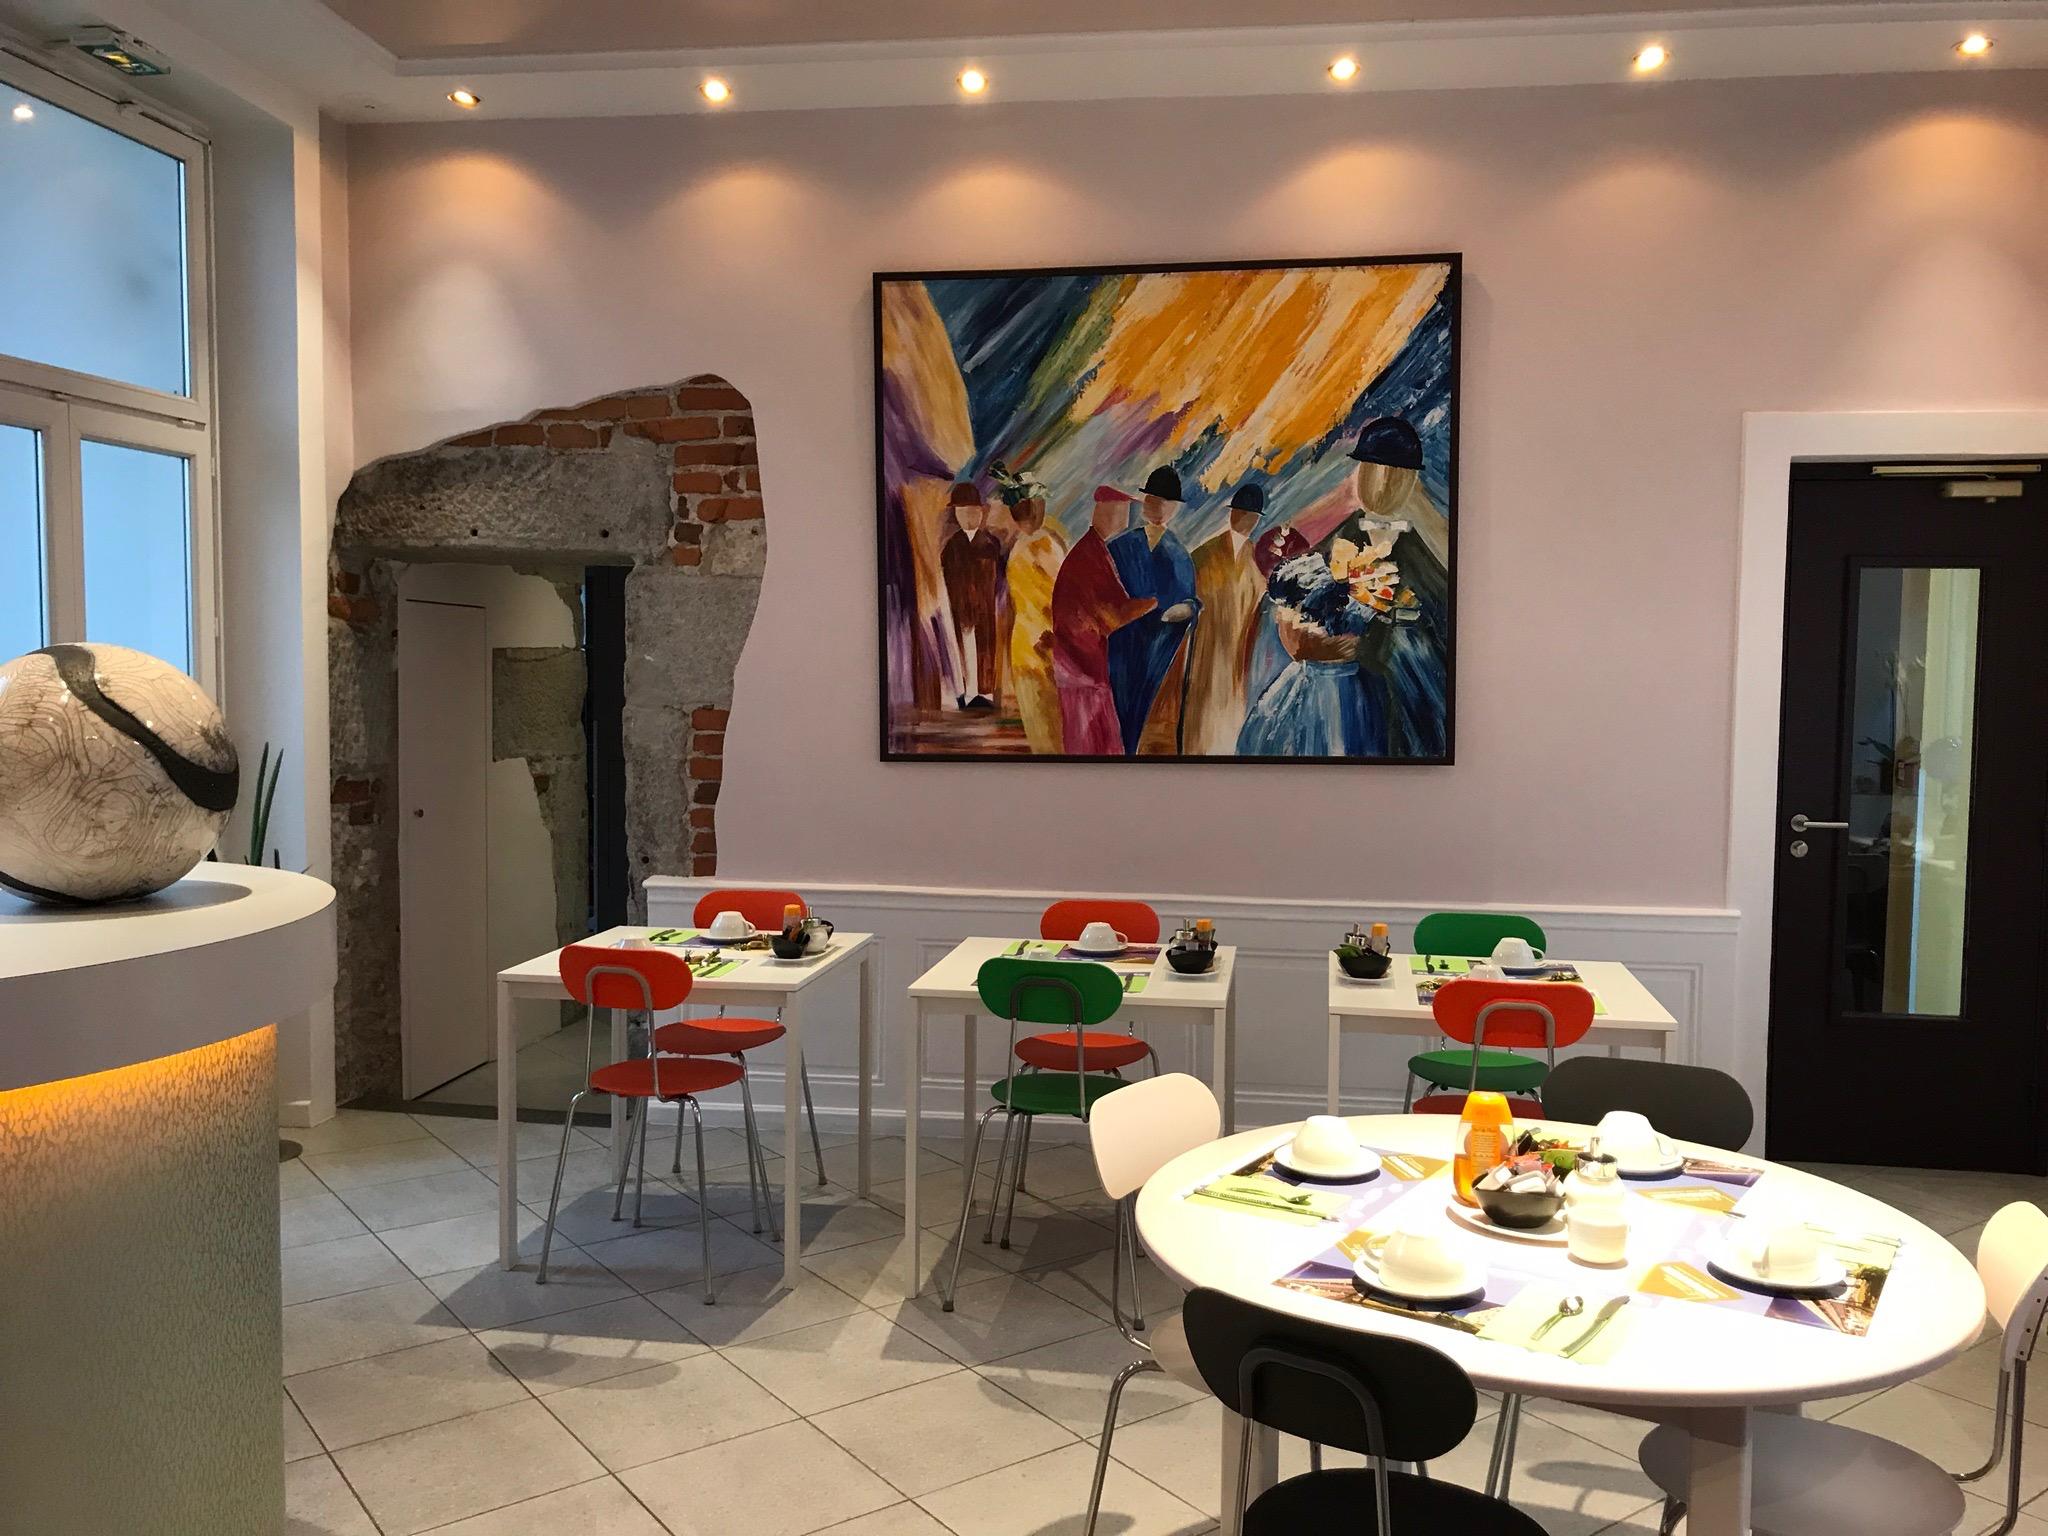 Hôtel Continental - Saint Etienne - Salle de déjeuner